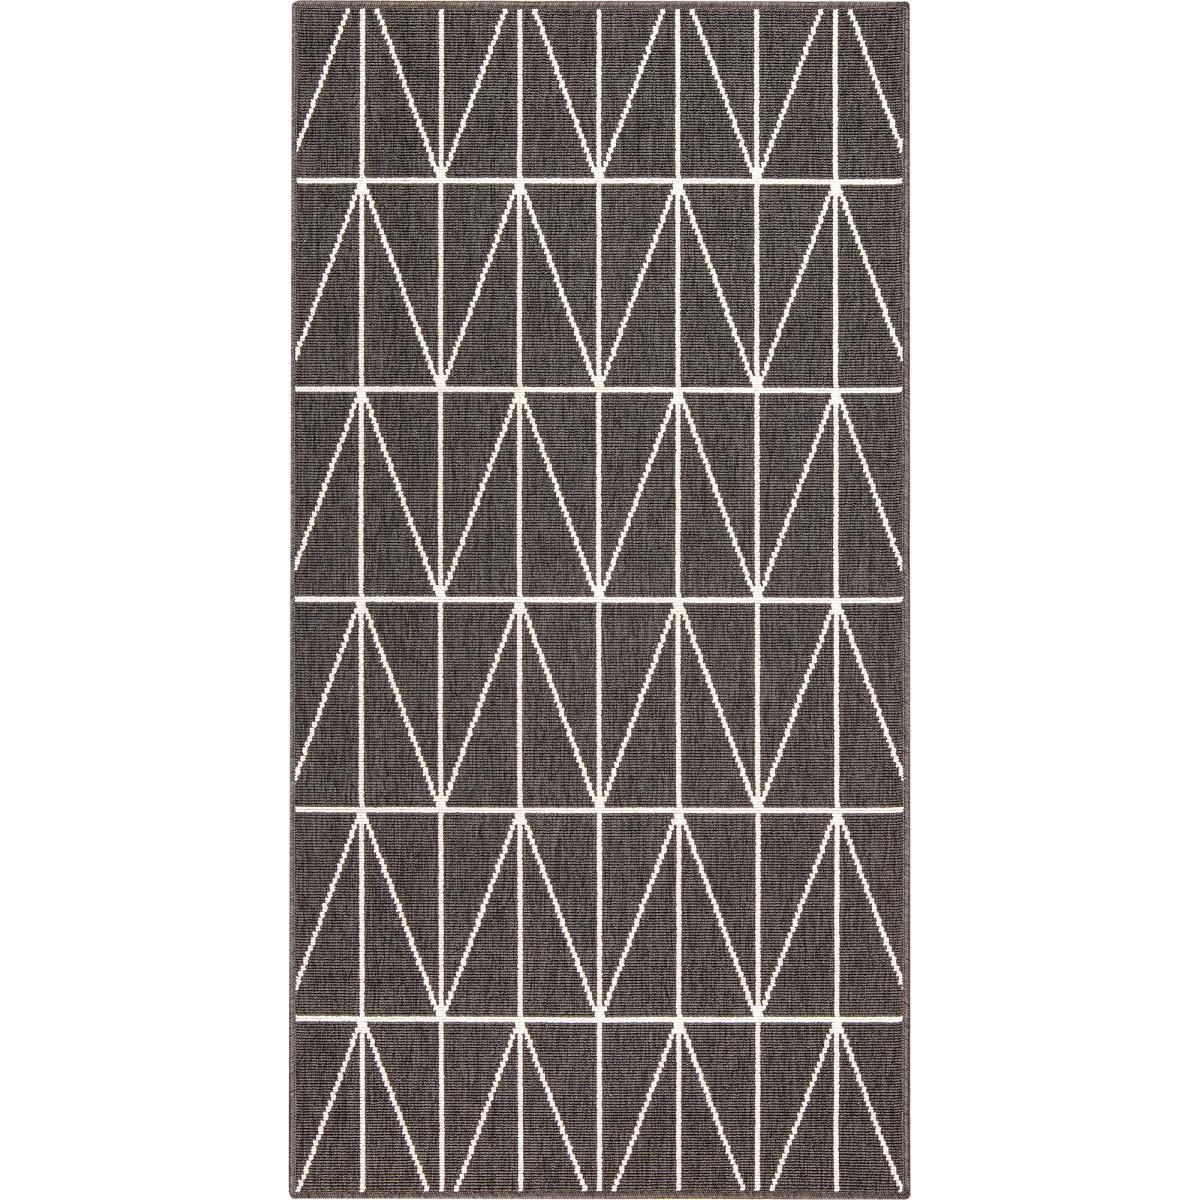 Ковёр Fenix 20412/693 0.8х1.5 м цвет чёрный